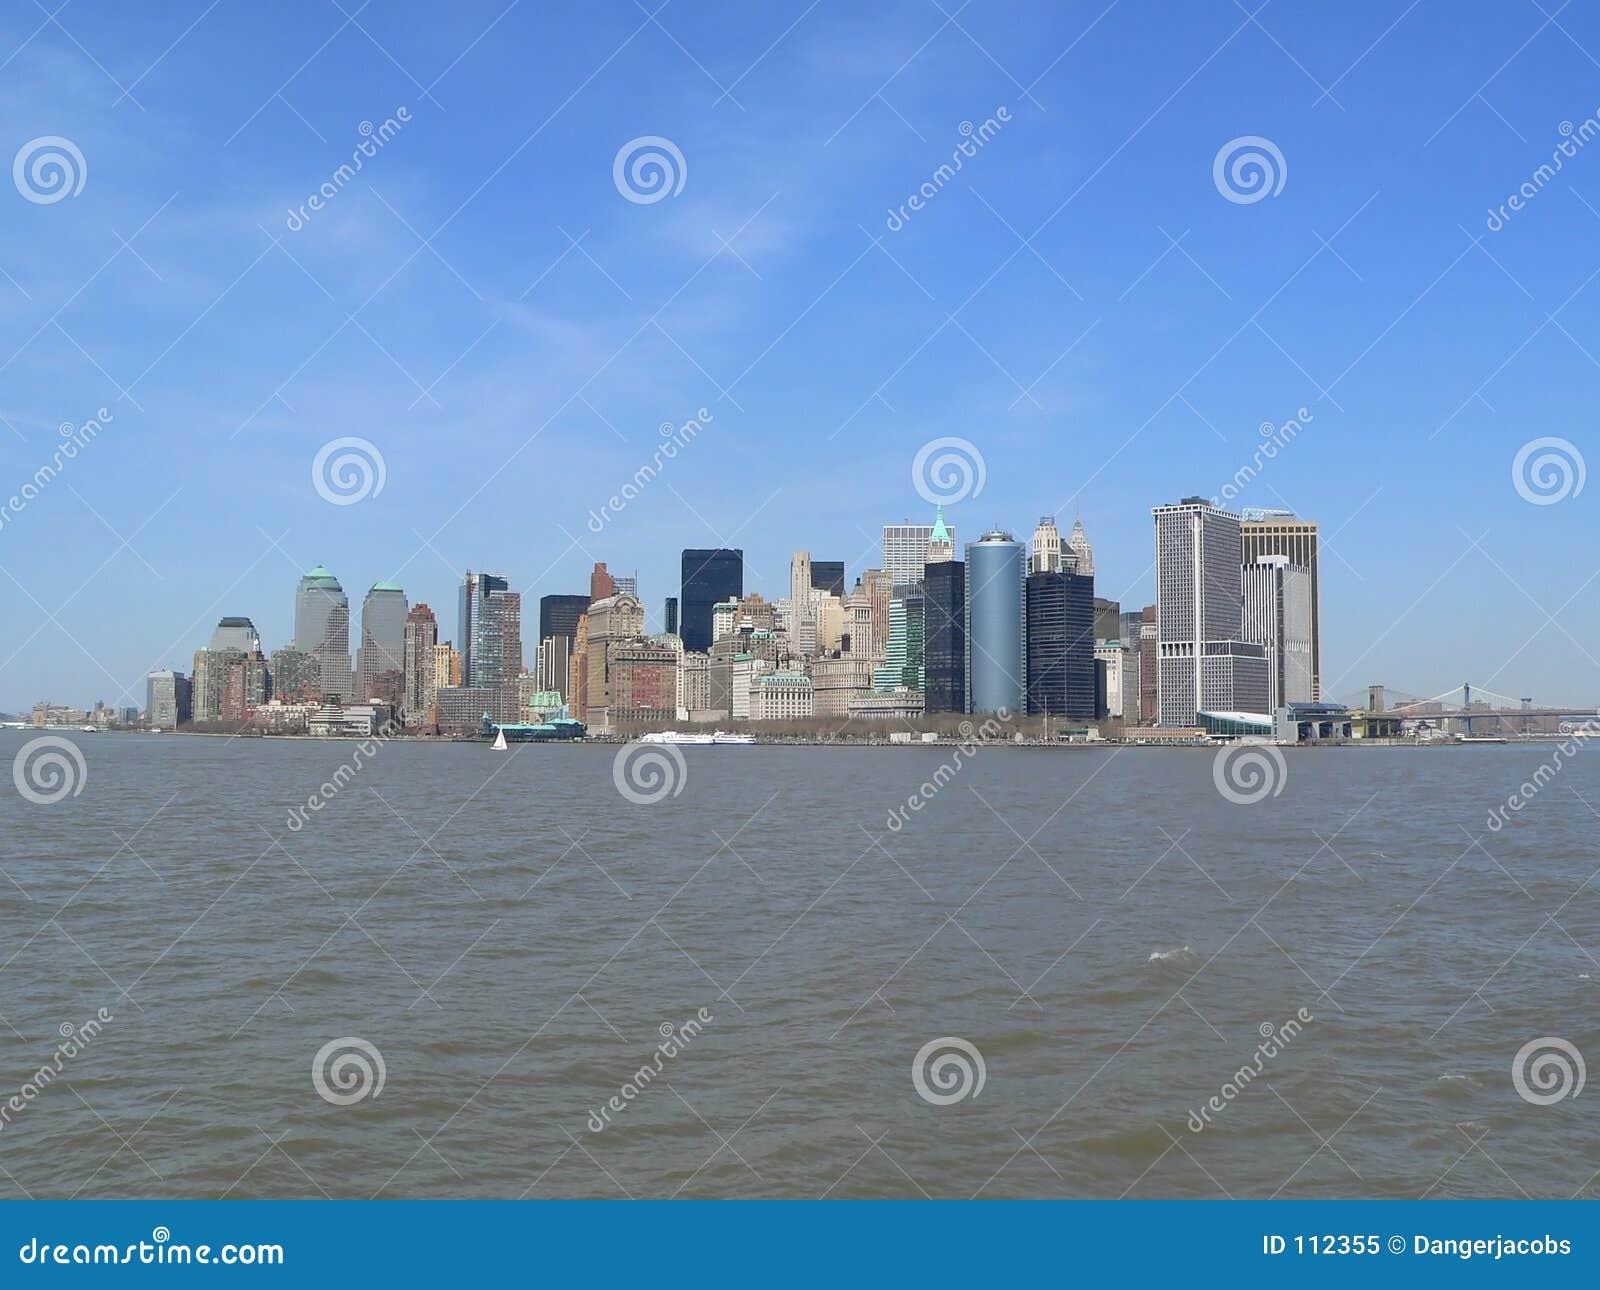 Prédio de escritórios, edifício de apartamento, arranha-céus, suficiência skyline de Manhattan, New York City